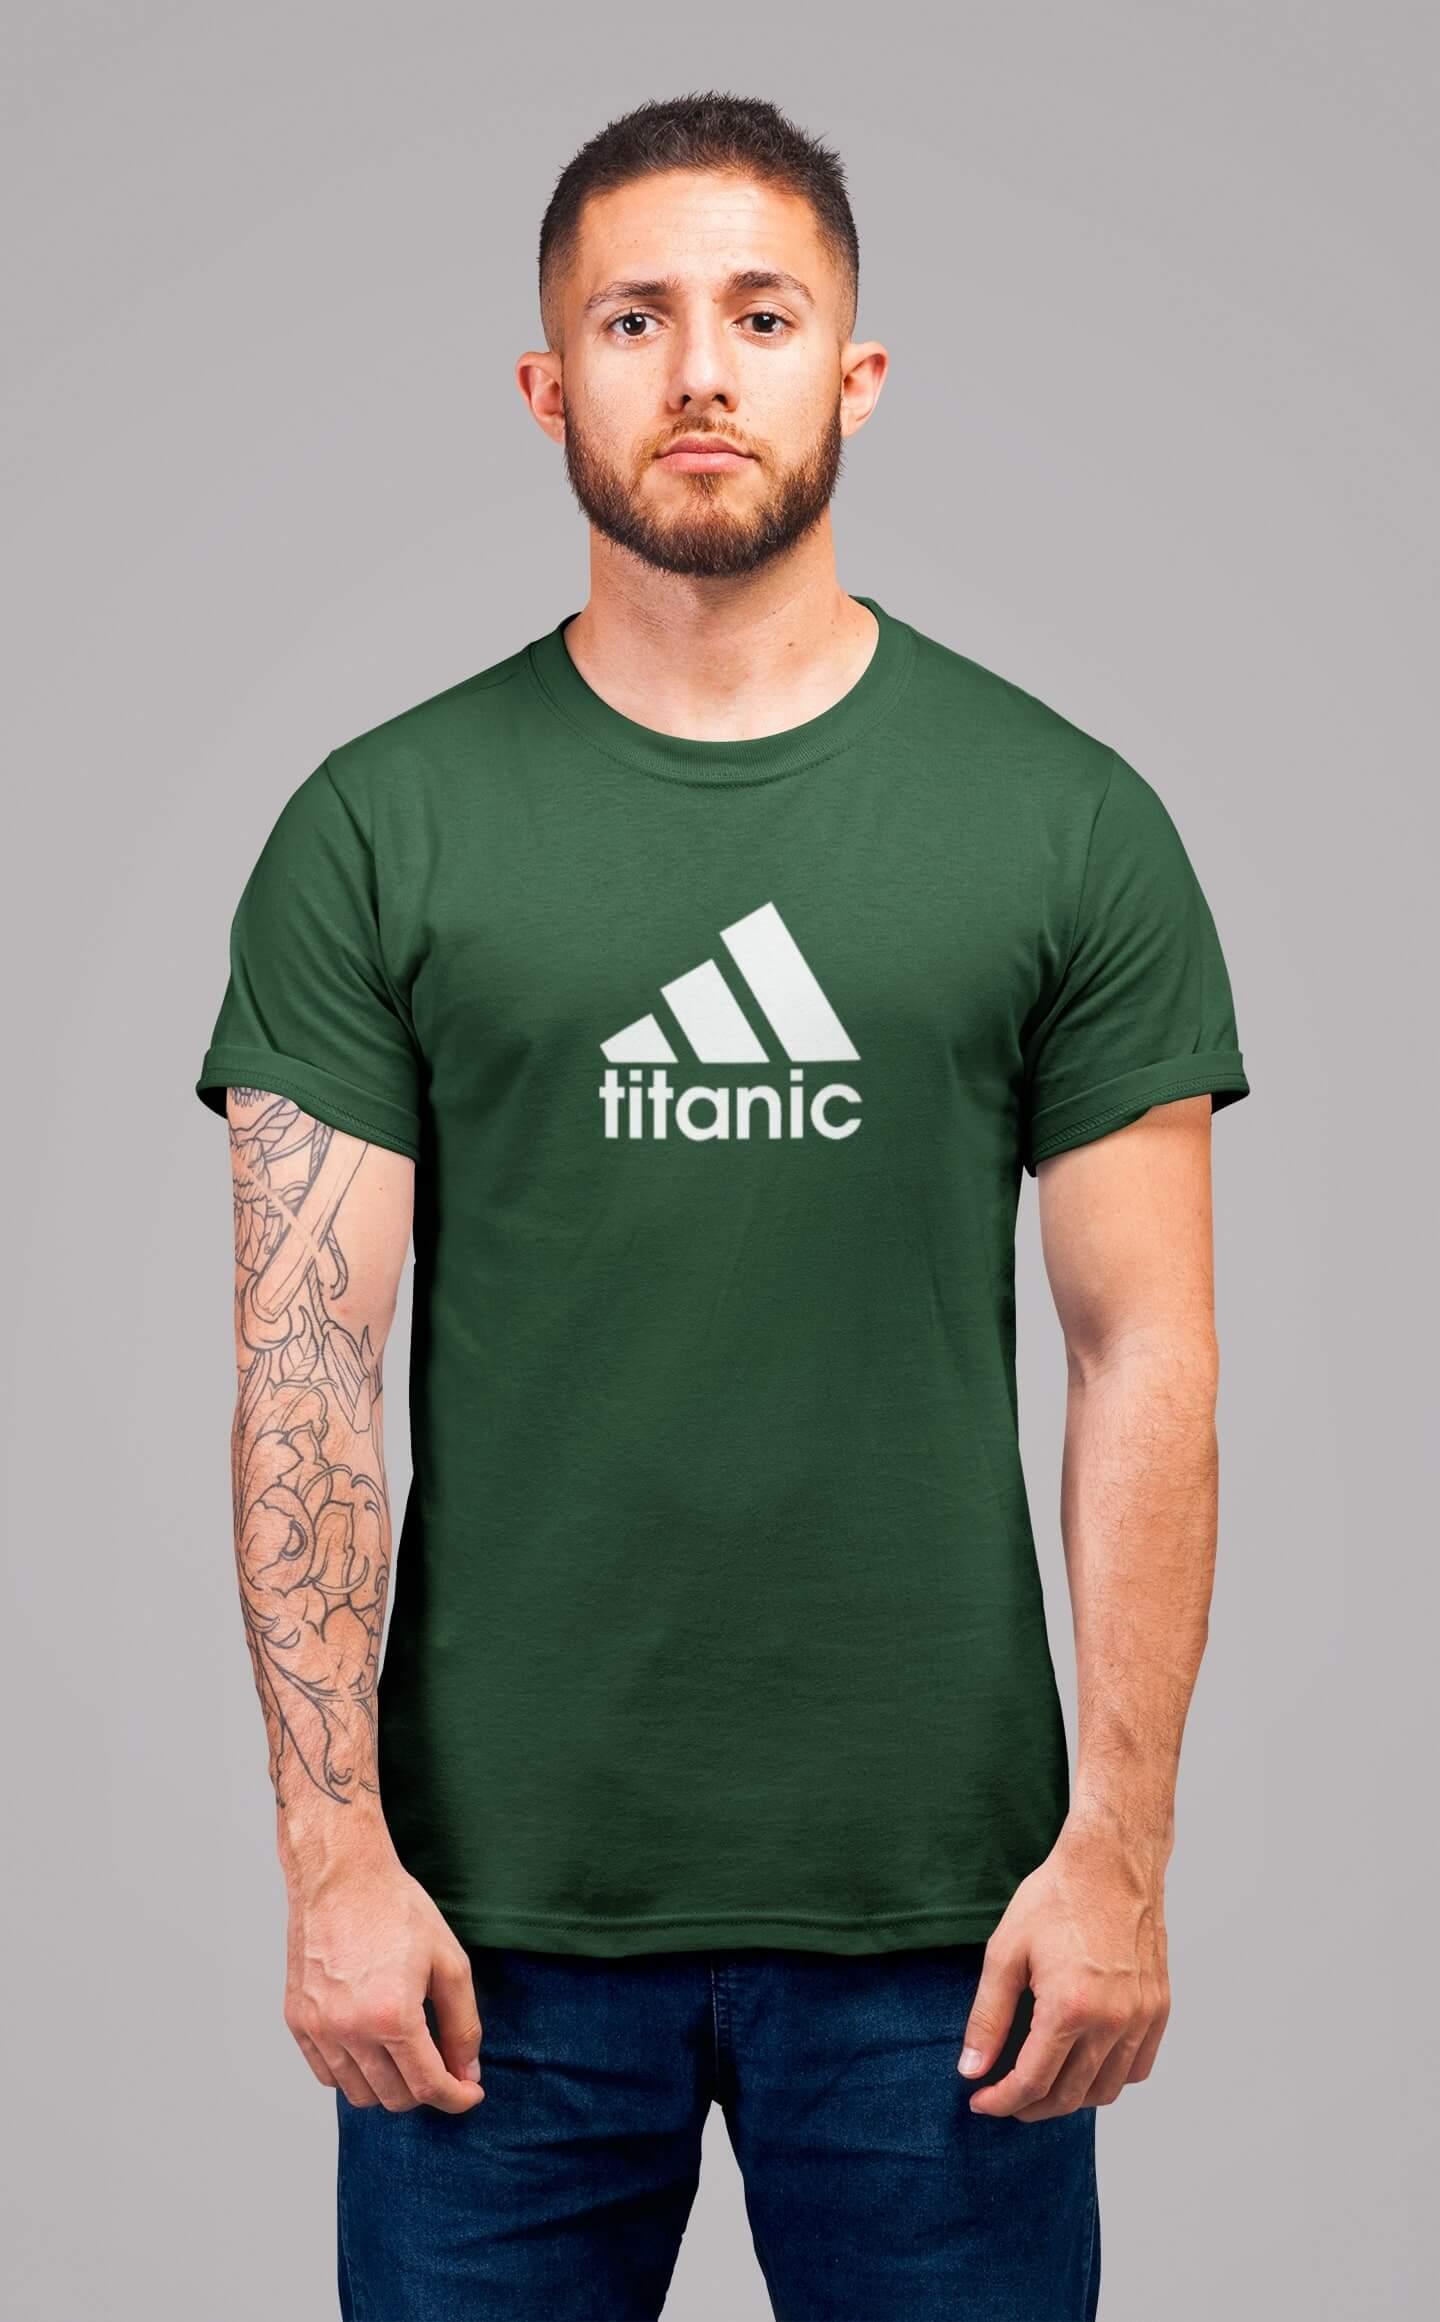 MMO Pánske tričko Titanic Vyberte farbu: Fľaškovozelená, Vyberte veľkosť: 2XL